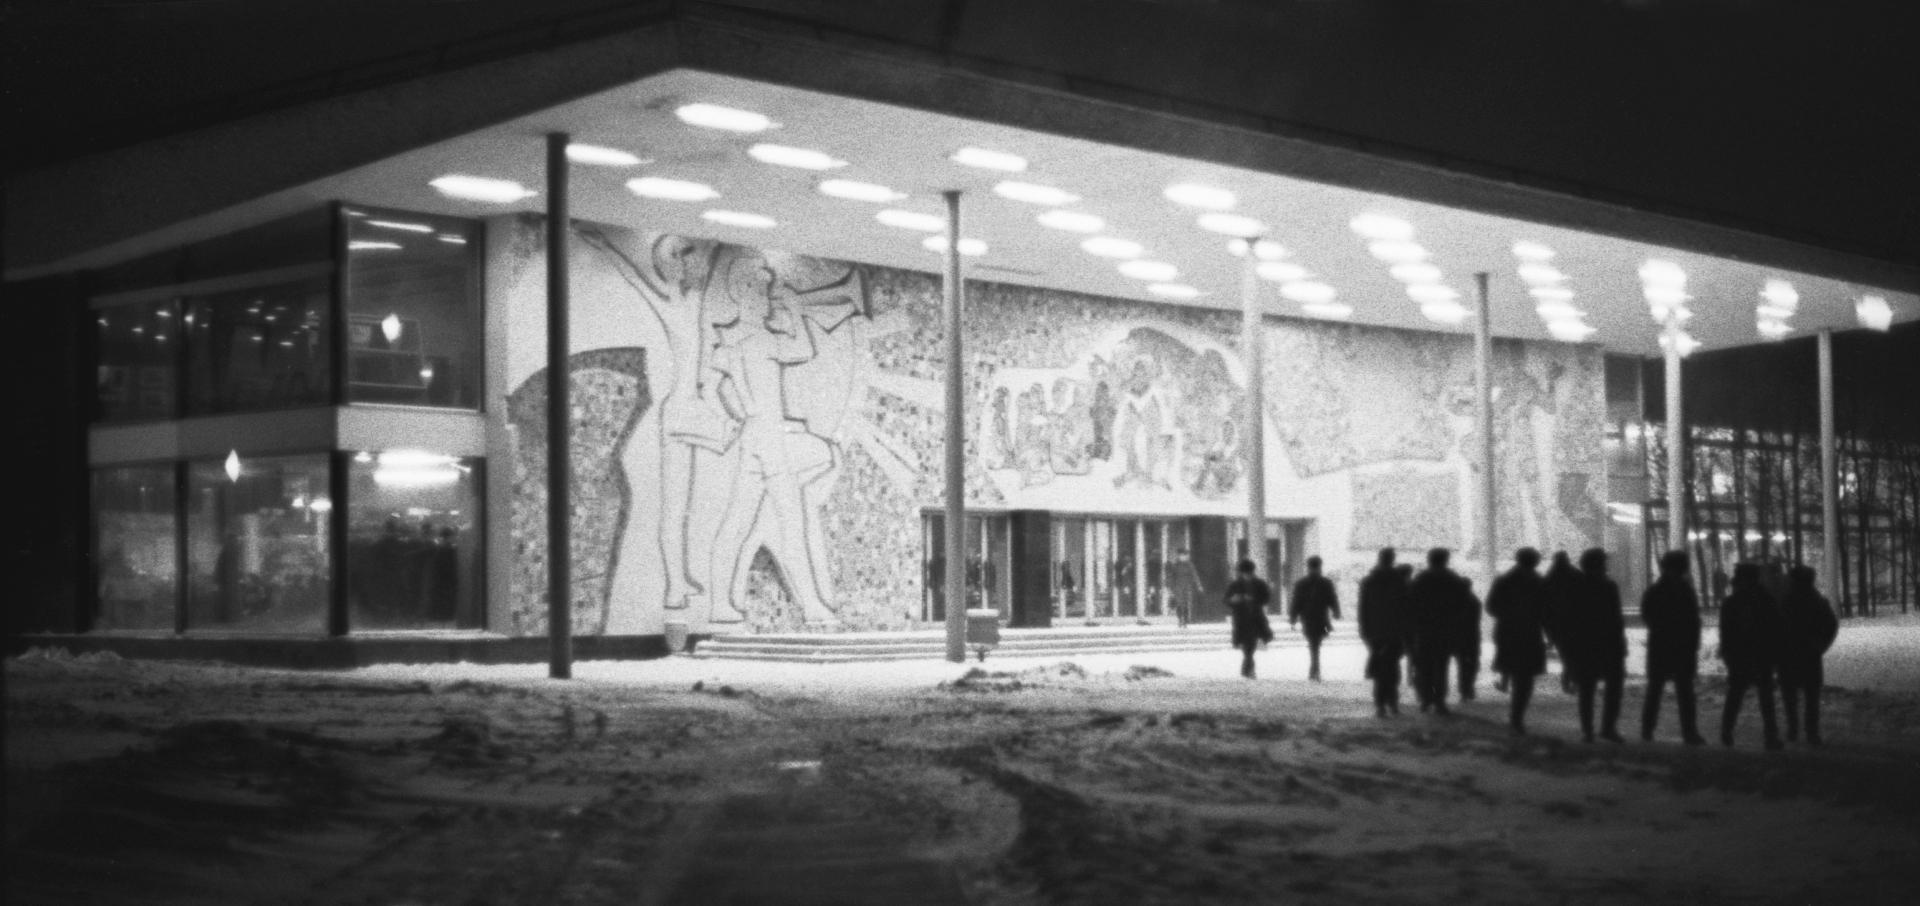 Декабрь 1966 года. Московский городской Дворец пионеров и школьников на Воробьевском шоссе. Точная дата съемки не установлена